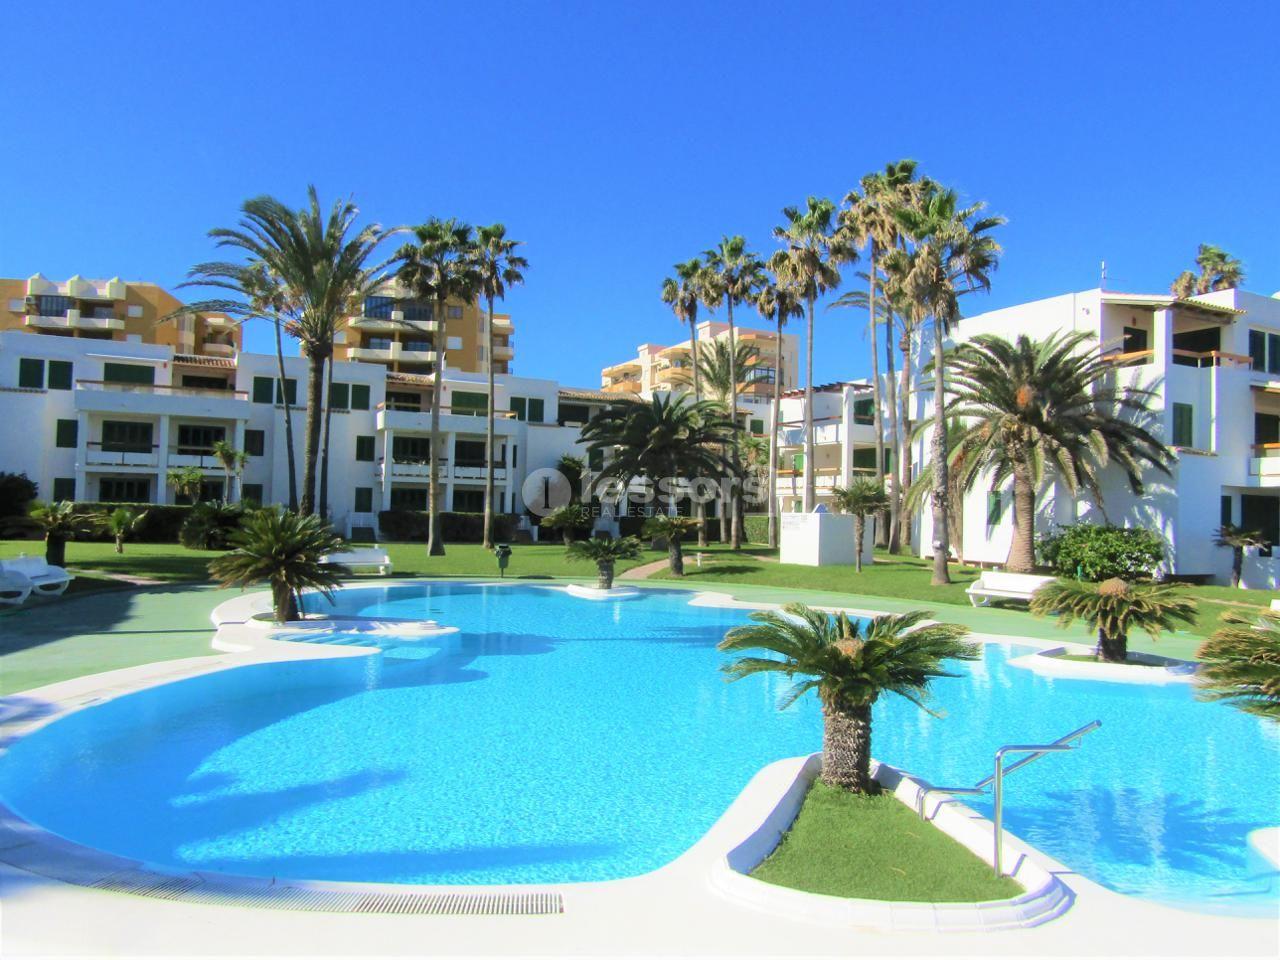 Location Appartement à Xeraco. Alquiler anual. residencial privado con piscina y primera linea